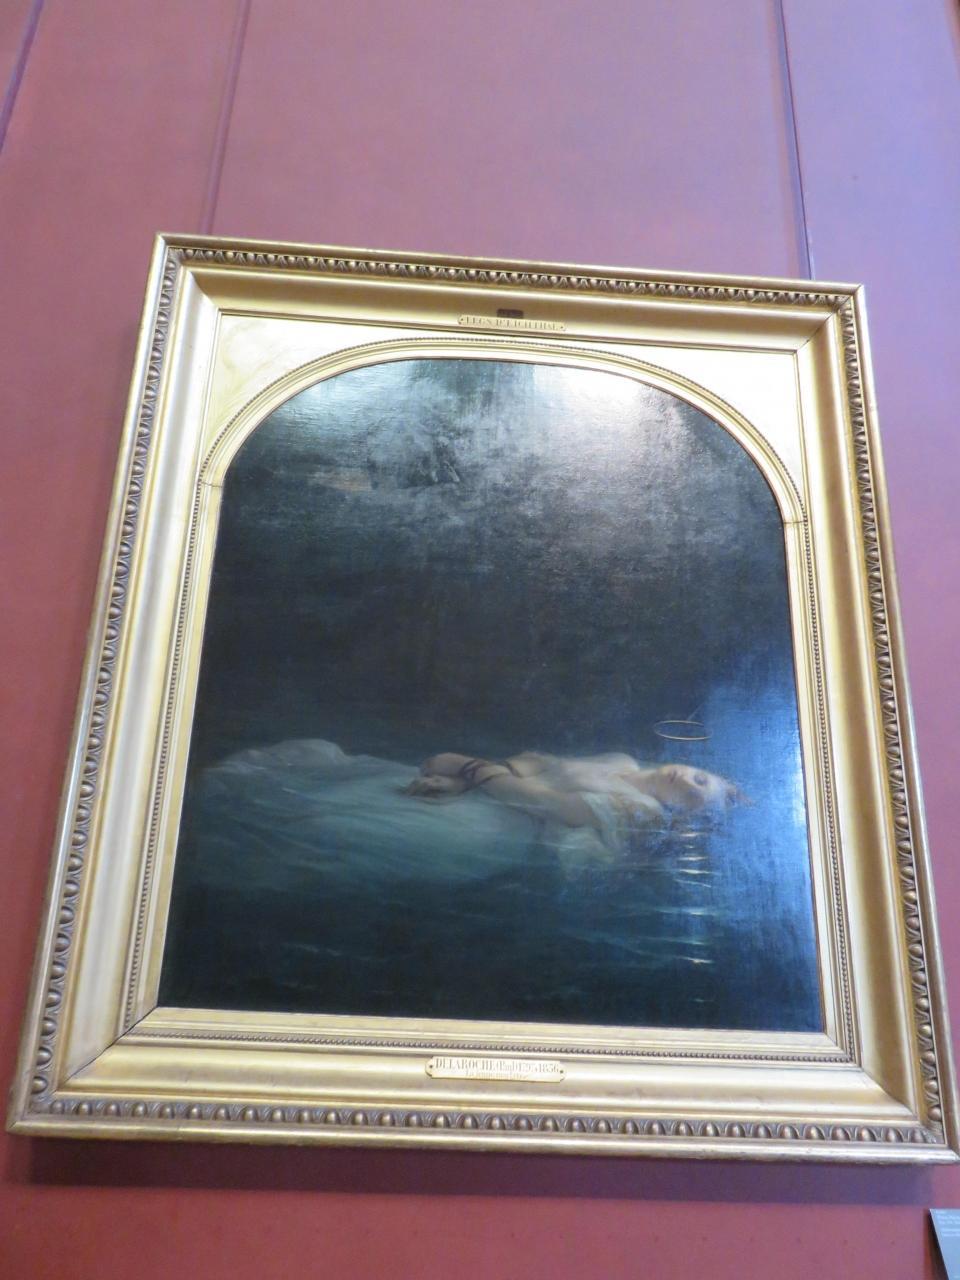 ジョン・エヴァレット・ミレーの画像 p1_33